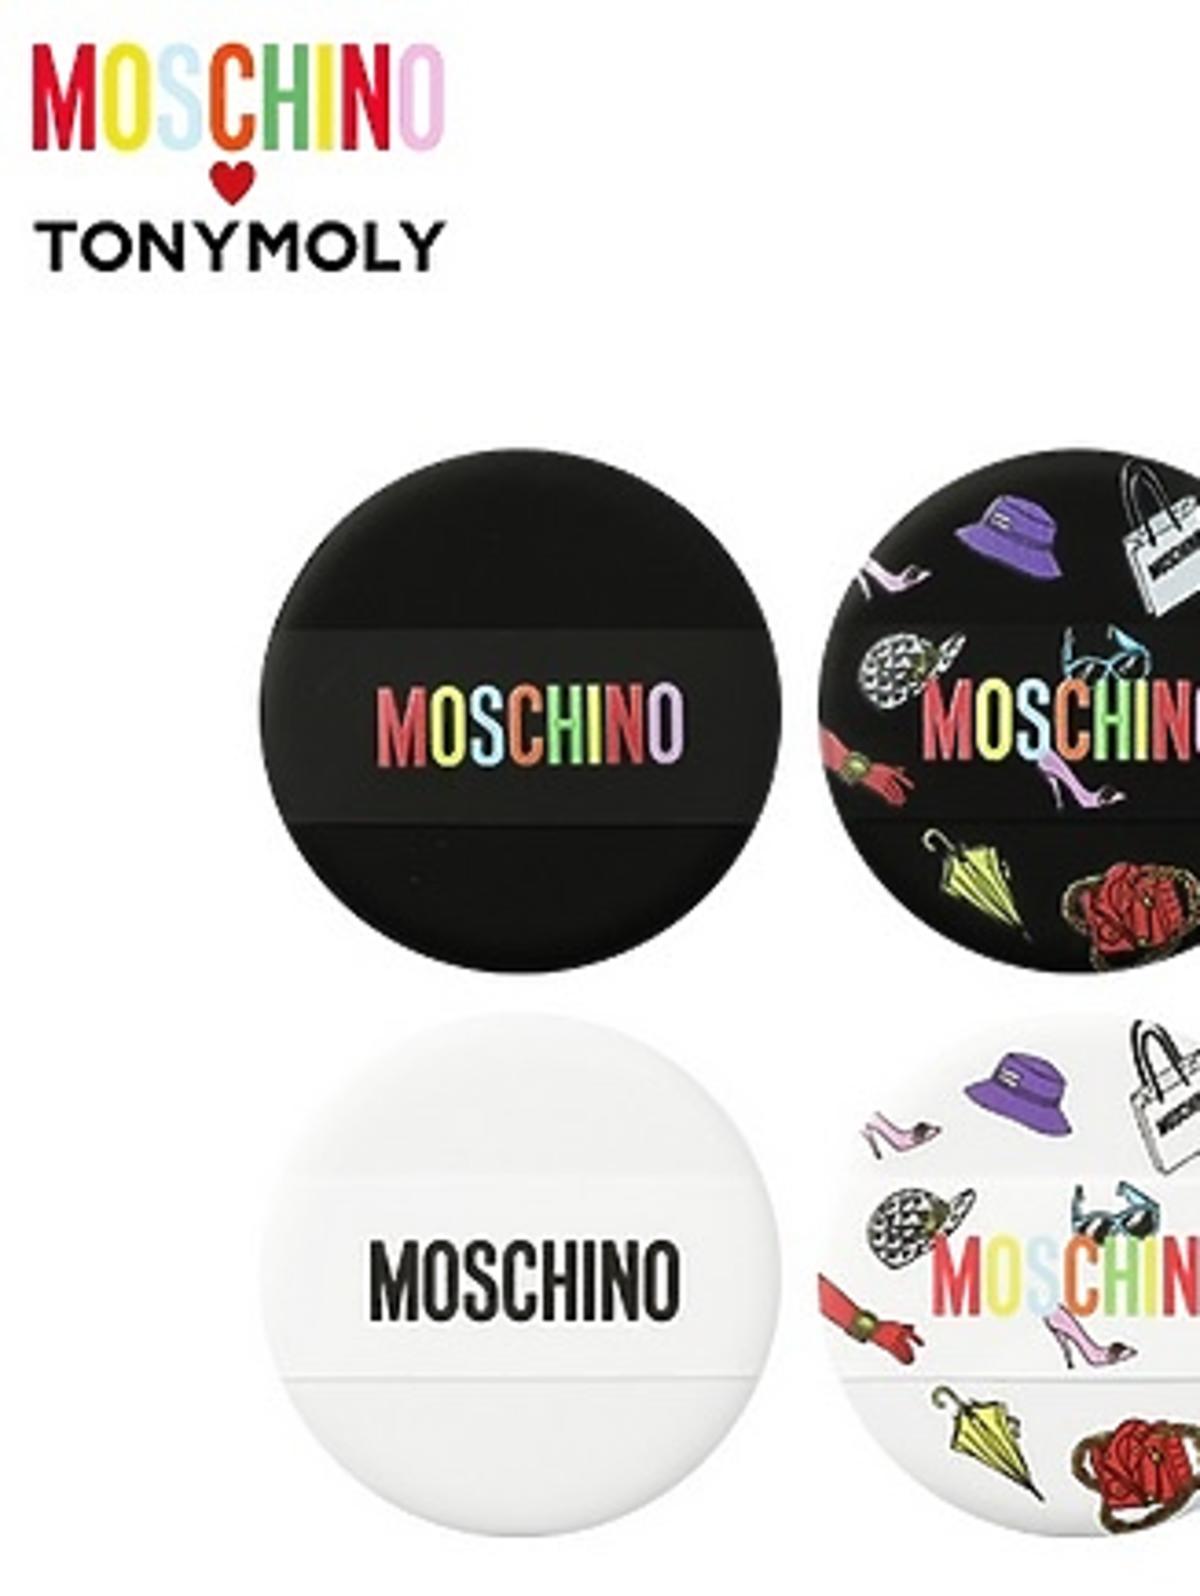 Zestaw gąbeczek do pudru Tonymoly x Moschino